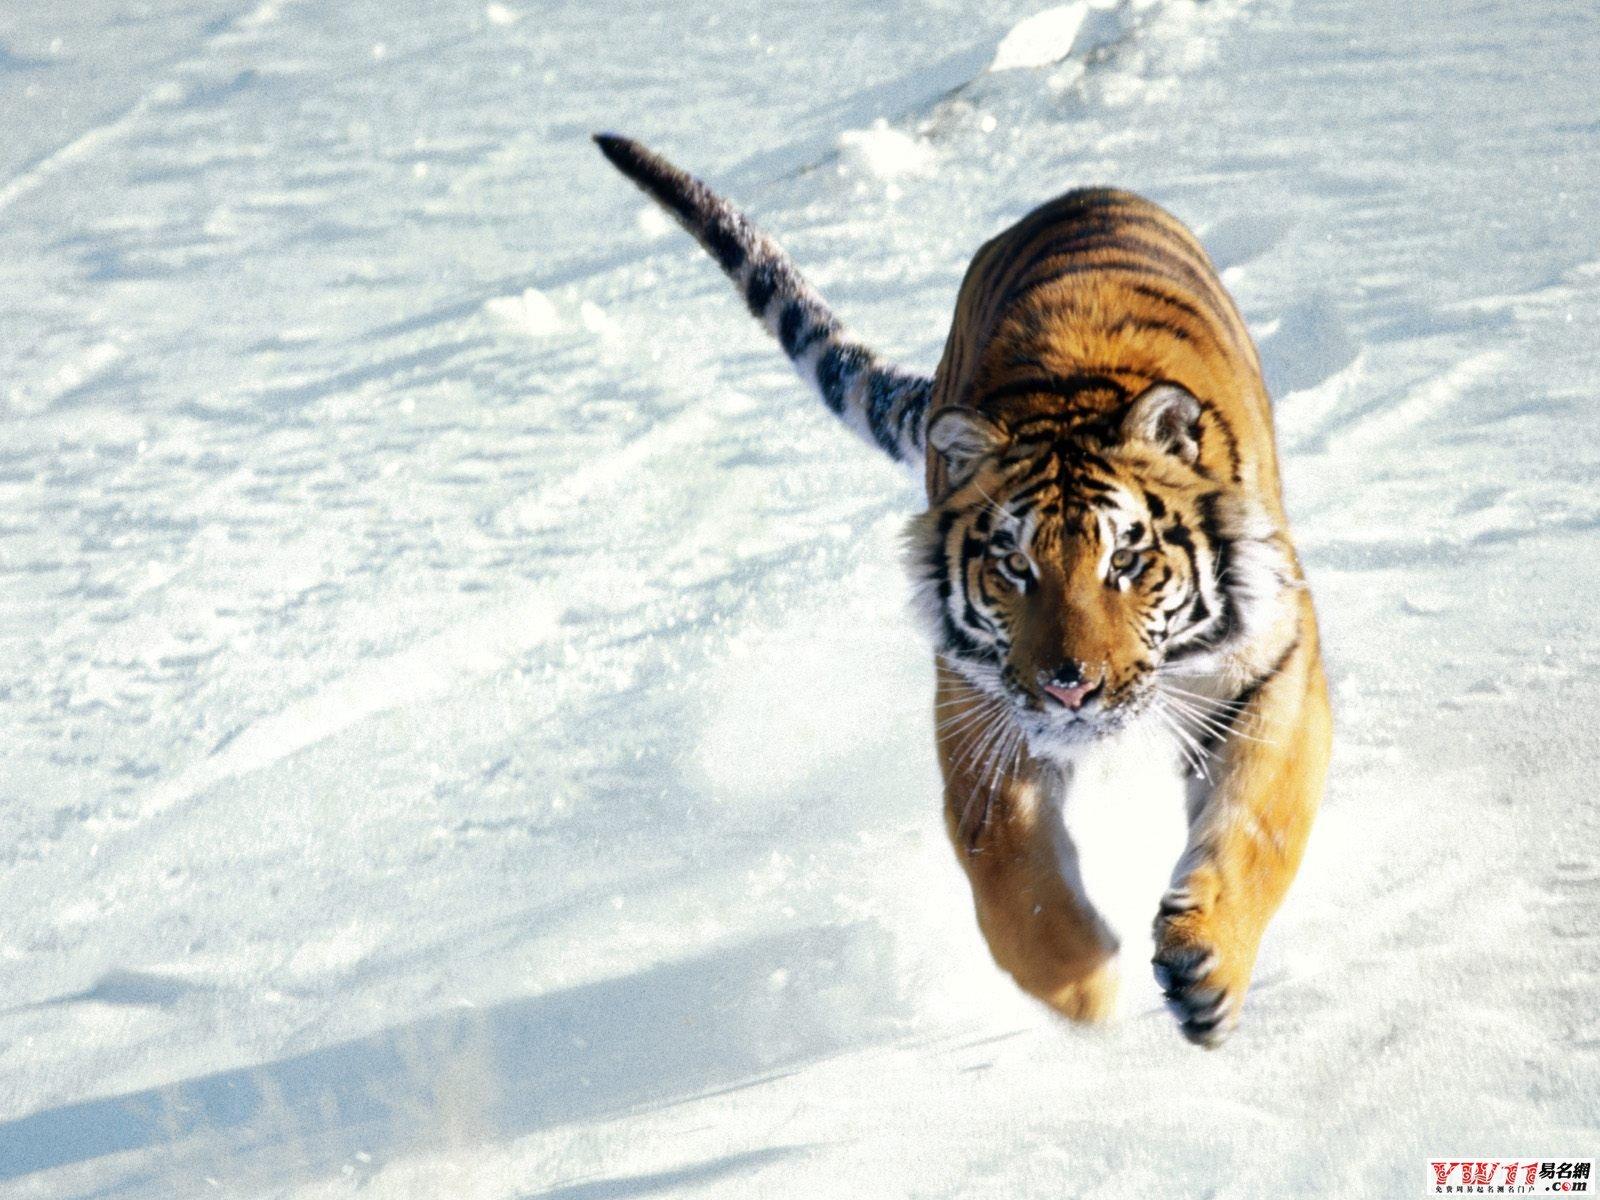 周公解梦梦见老虎代表什么?有什么含义?